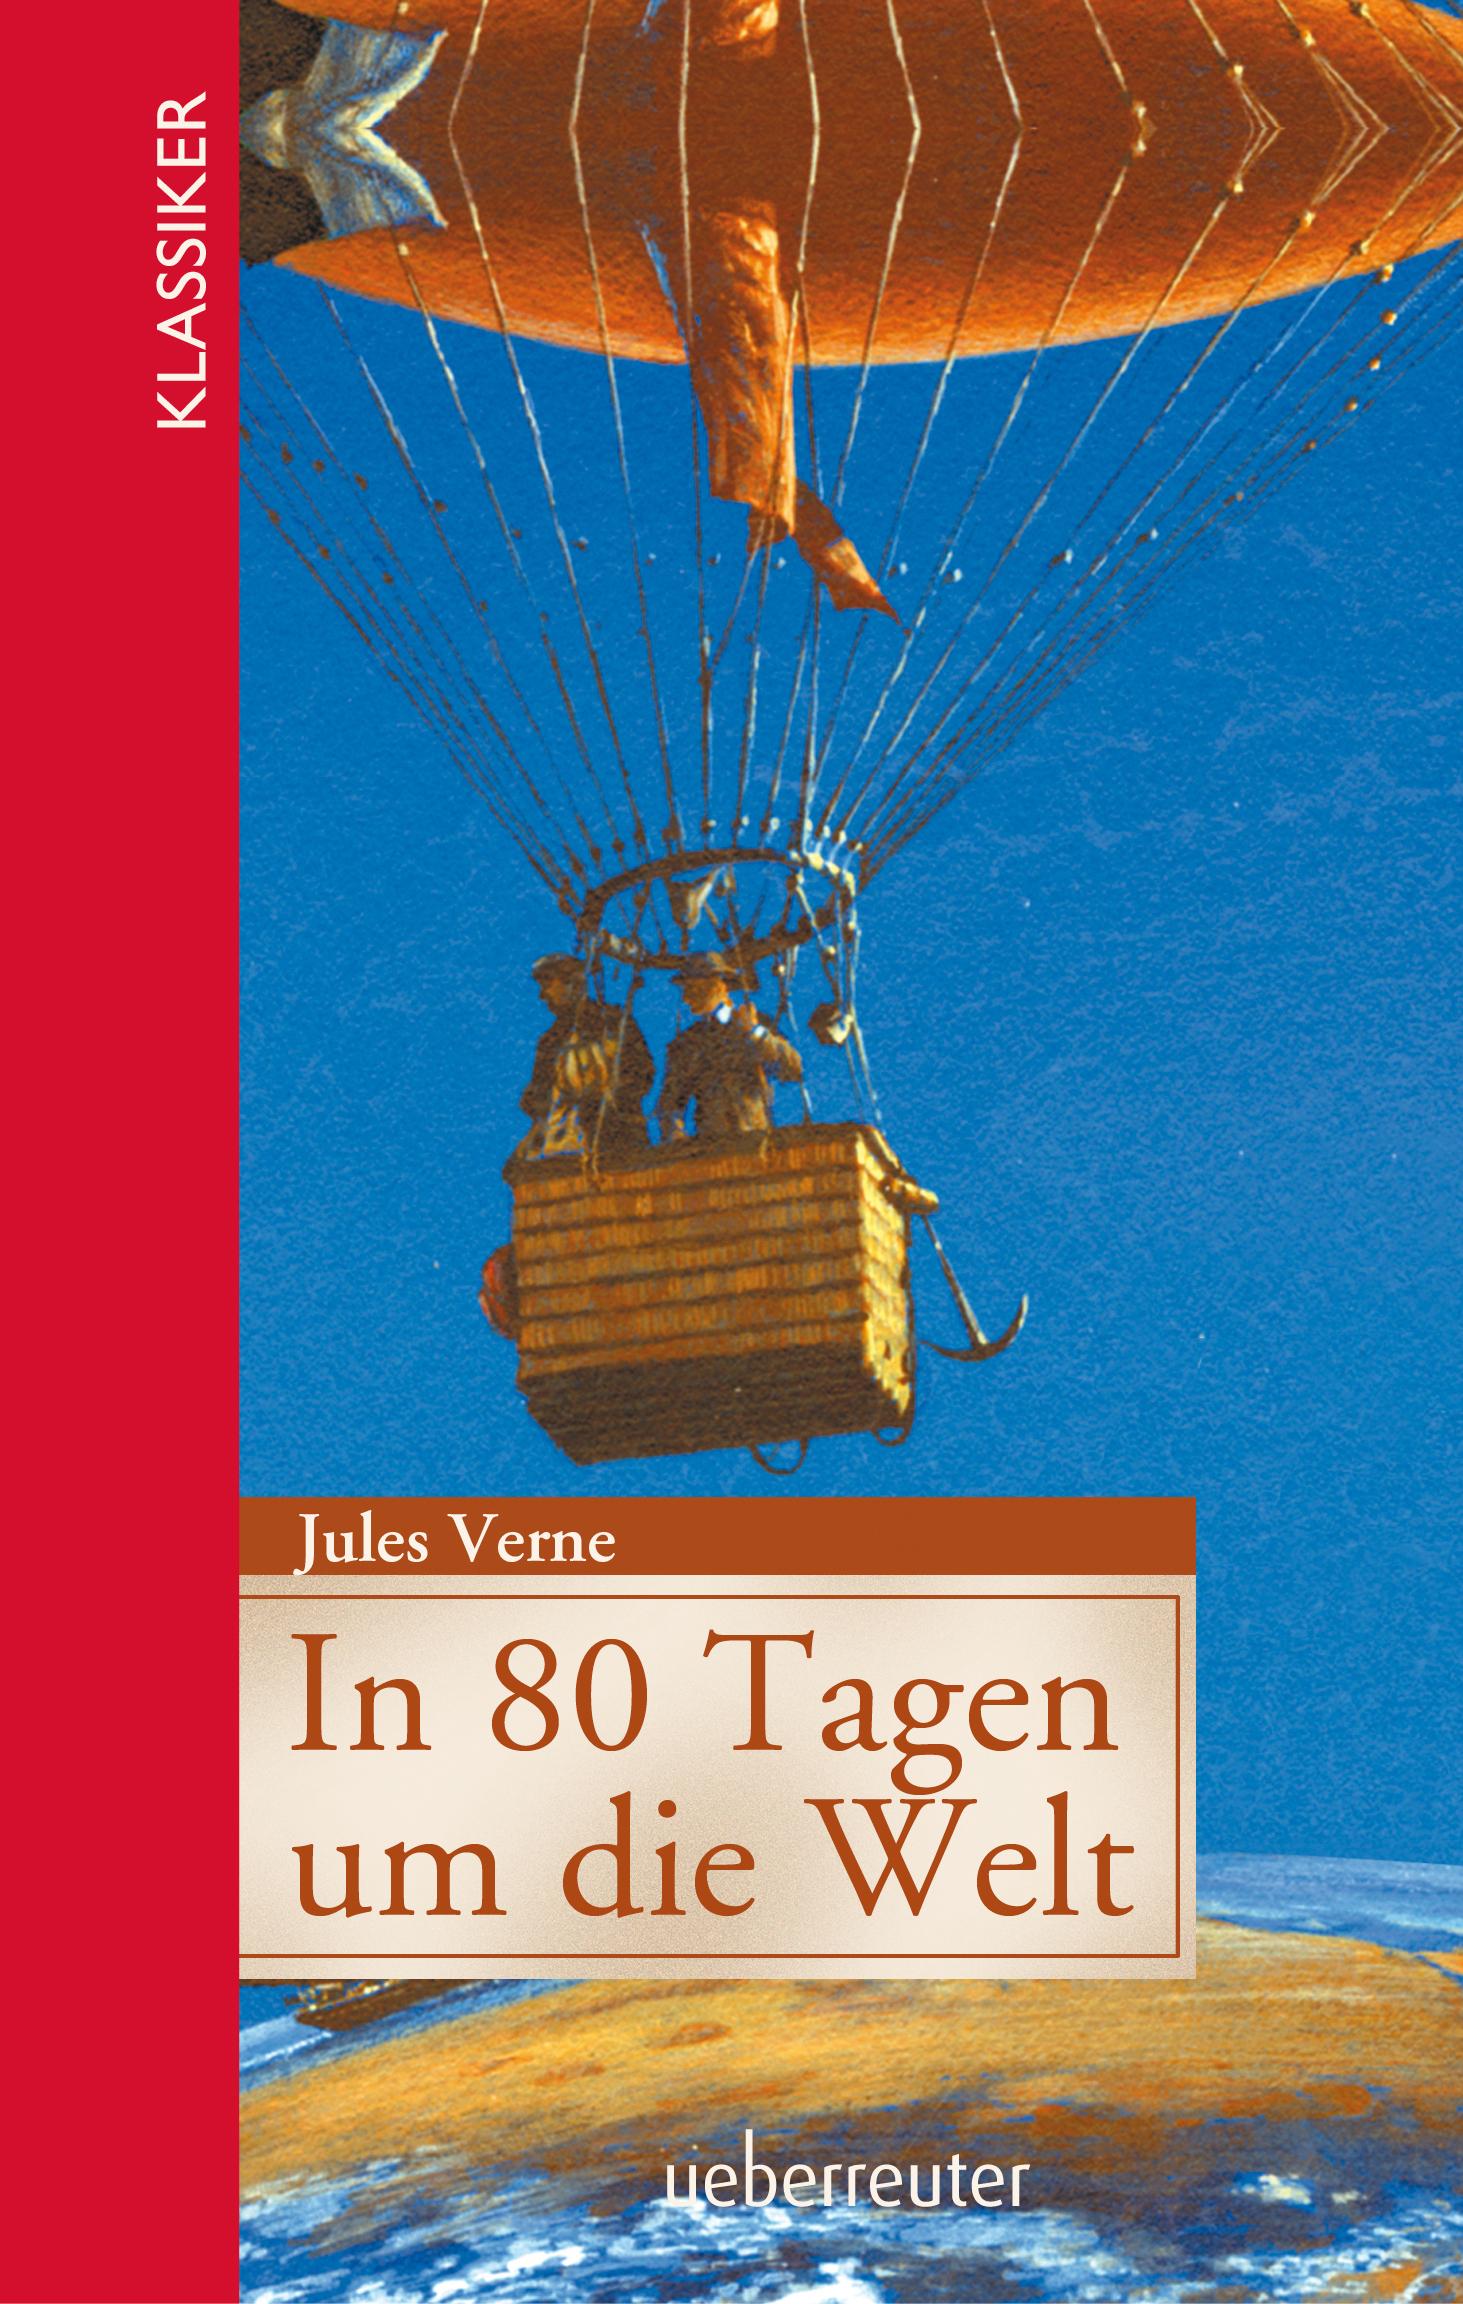 In 80 Tagen Um Die Welt Ueberreuter